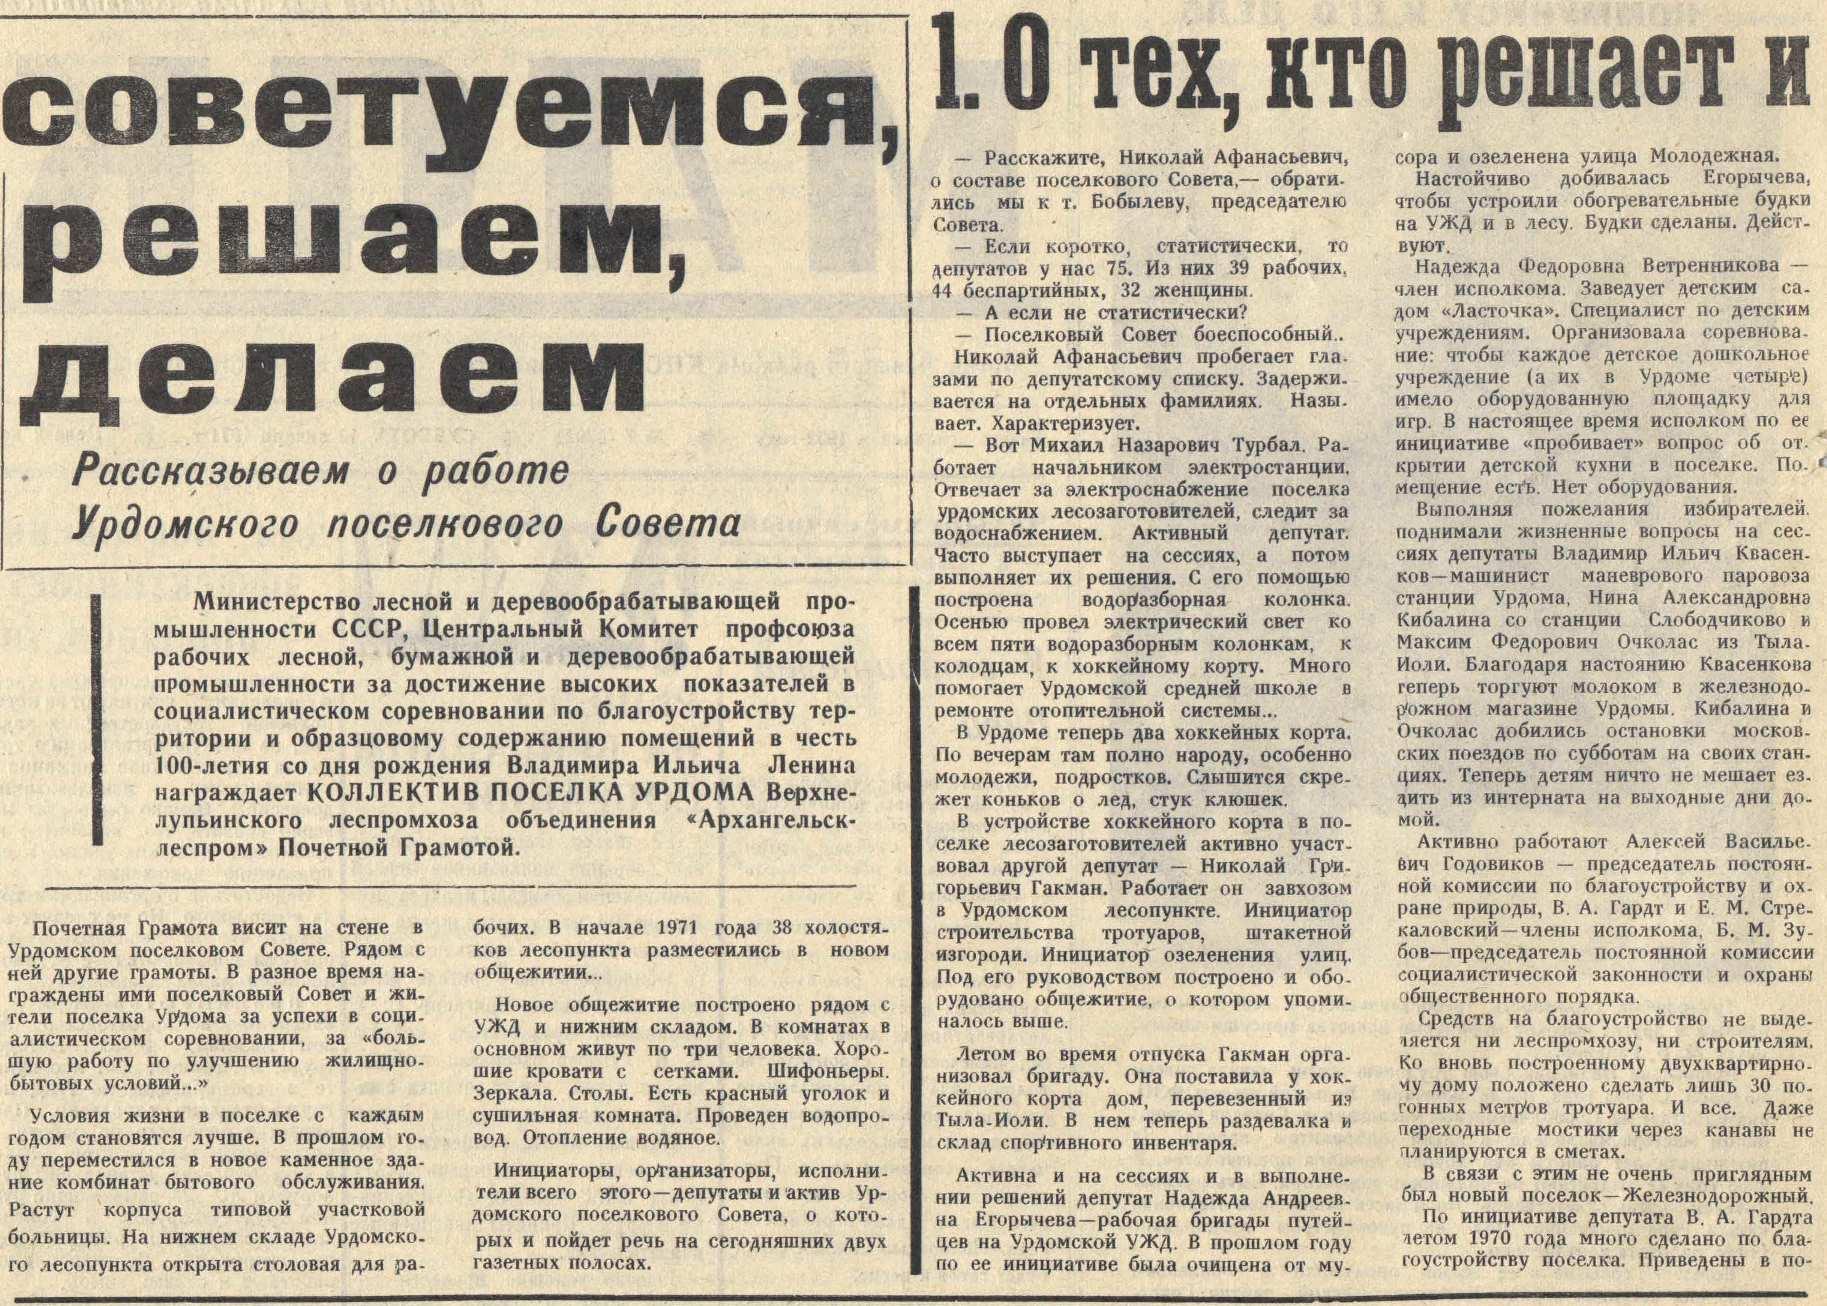 Маяк 16.01.1971 Урдомский поссовет. Почетная грамота (3)